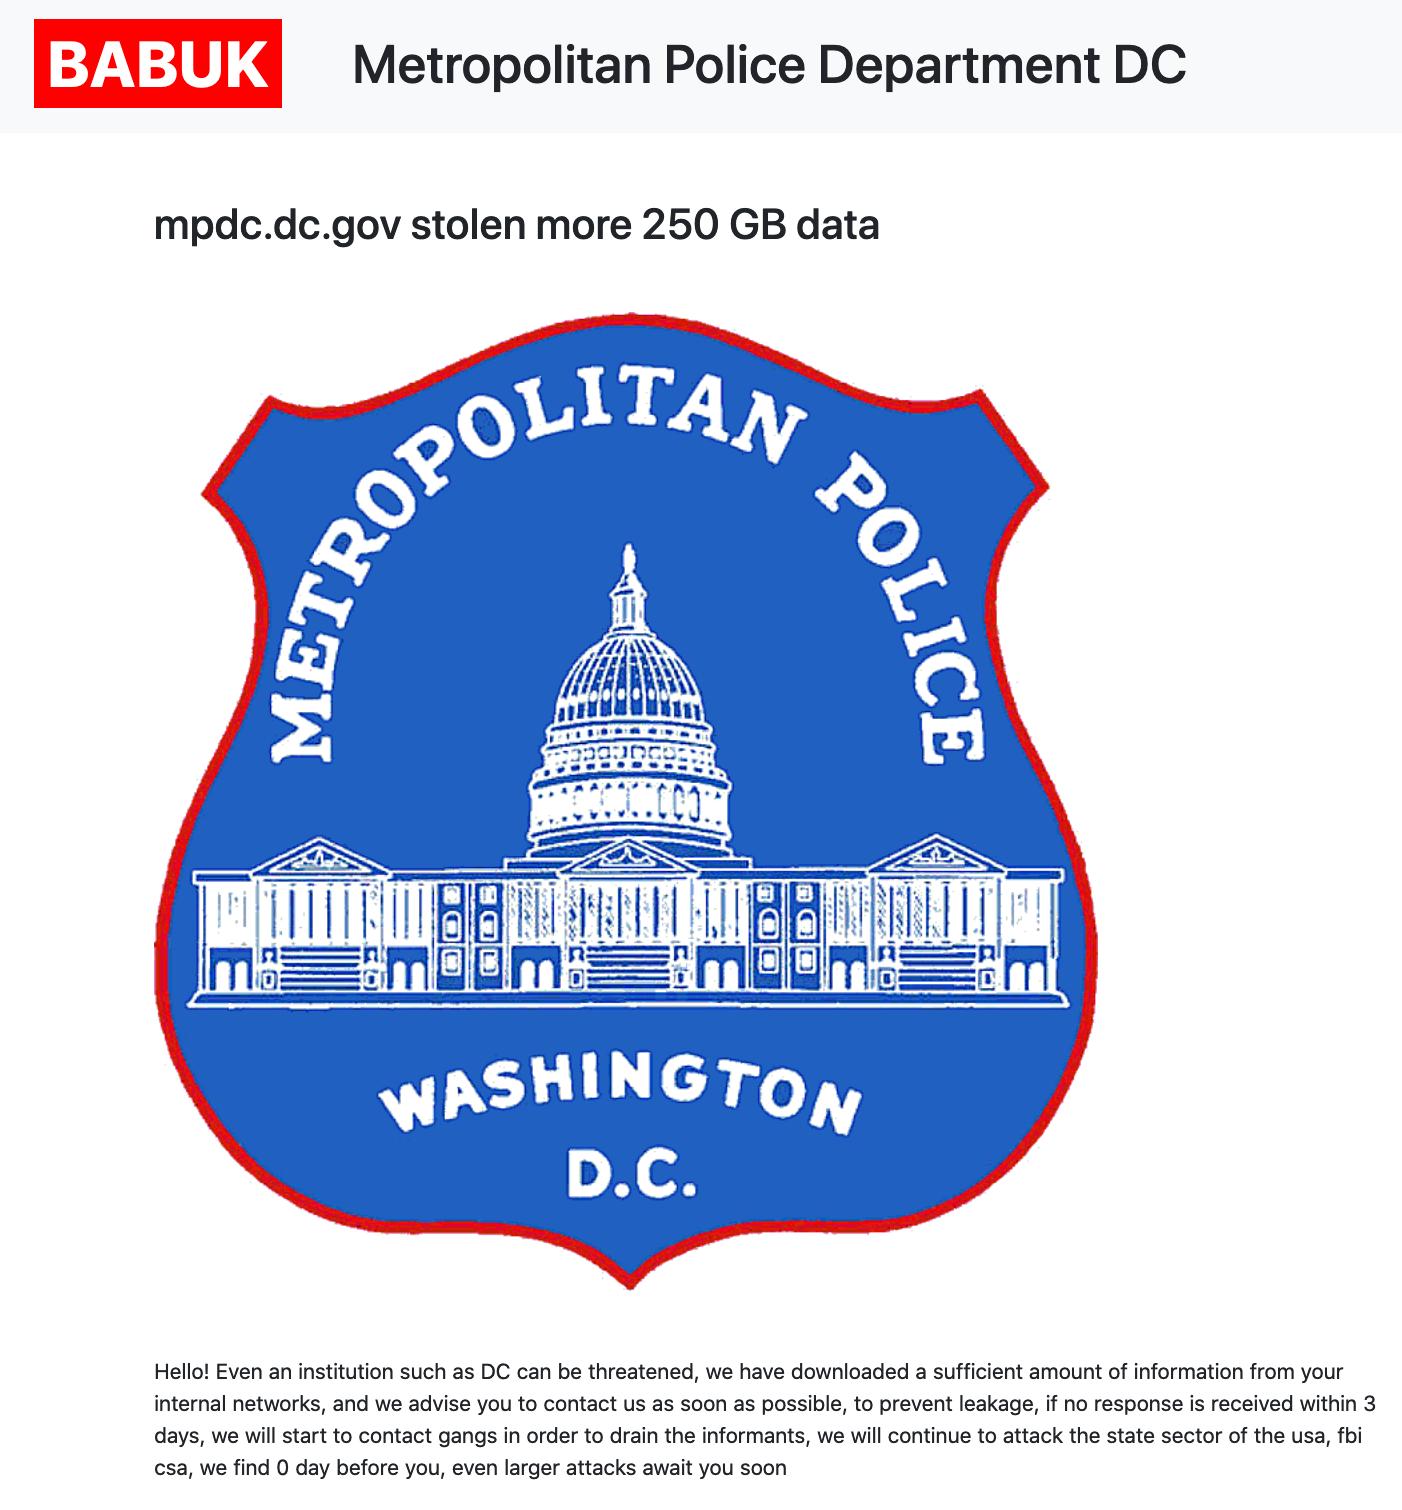 Babukが発表したDC警察への攻撃成功の様子